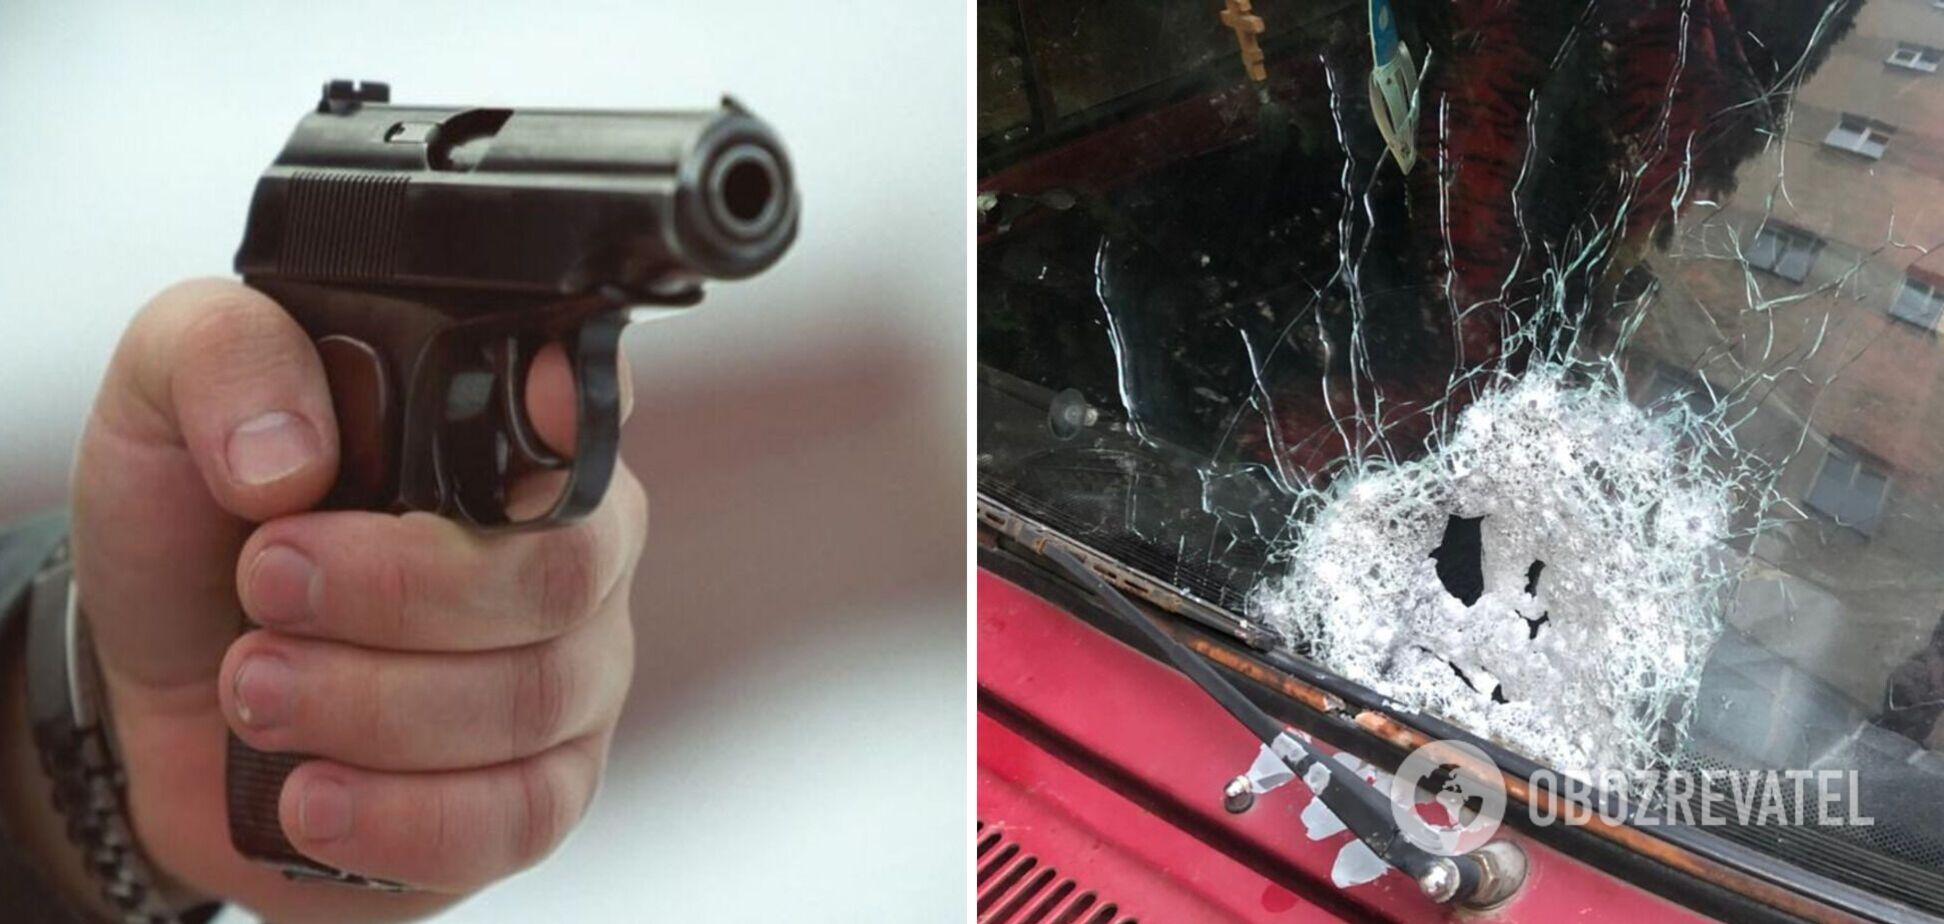 У Чернівцях під час руху обстріляли автомобіль: зловмисника затримали. Фото